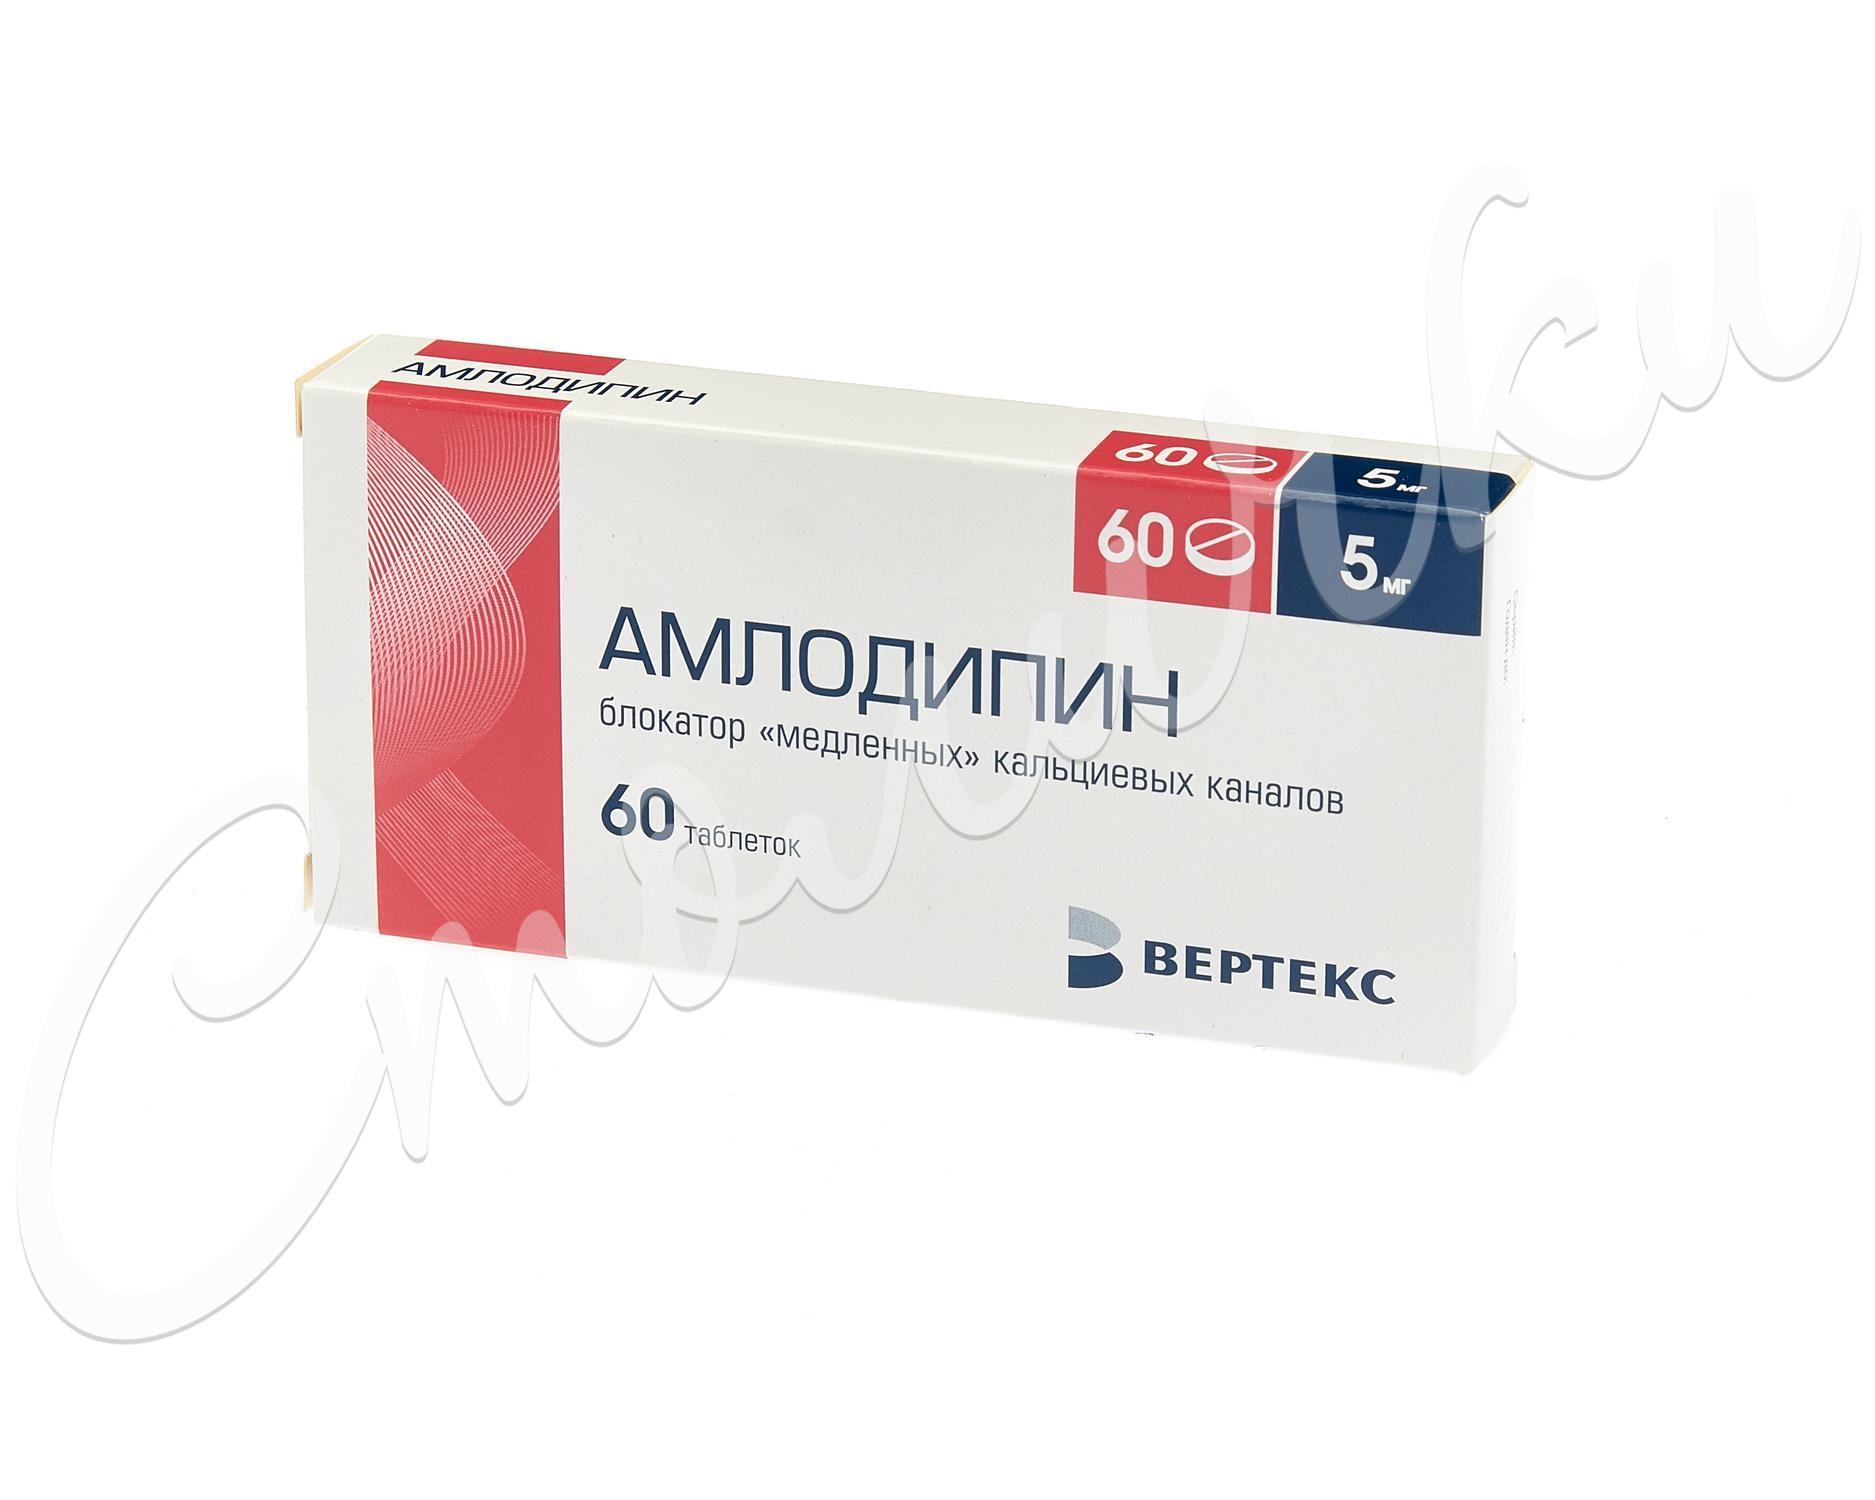 Амлодипин – инструкция по применению таблеток, цена, отзывы, аналоги